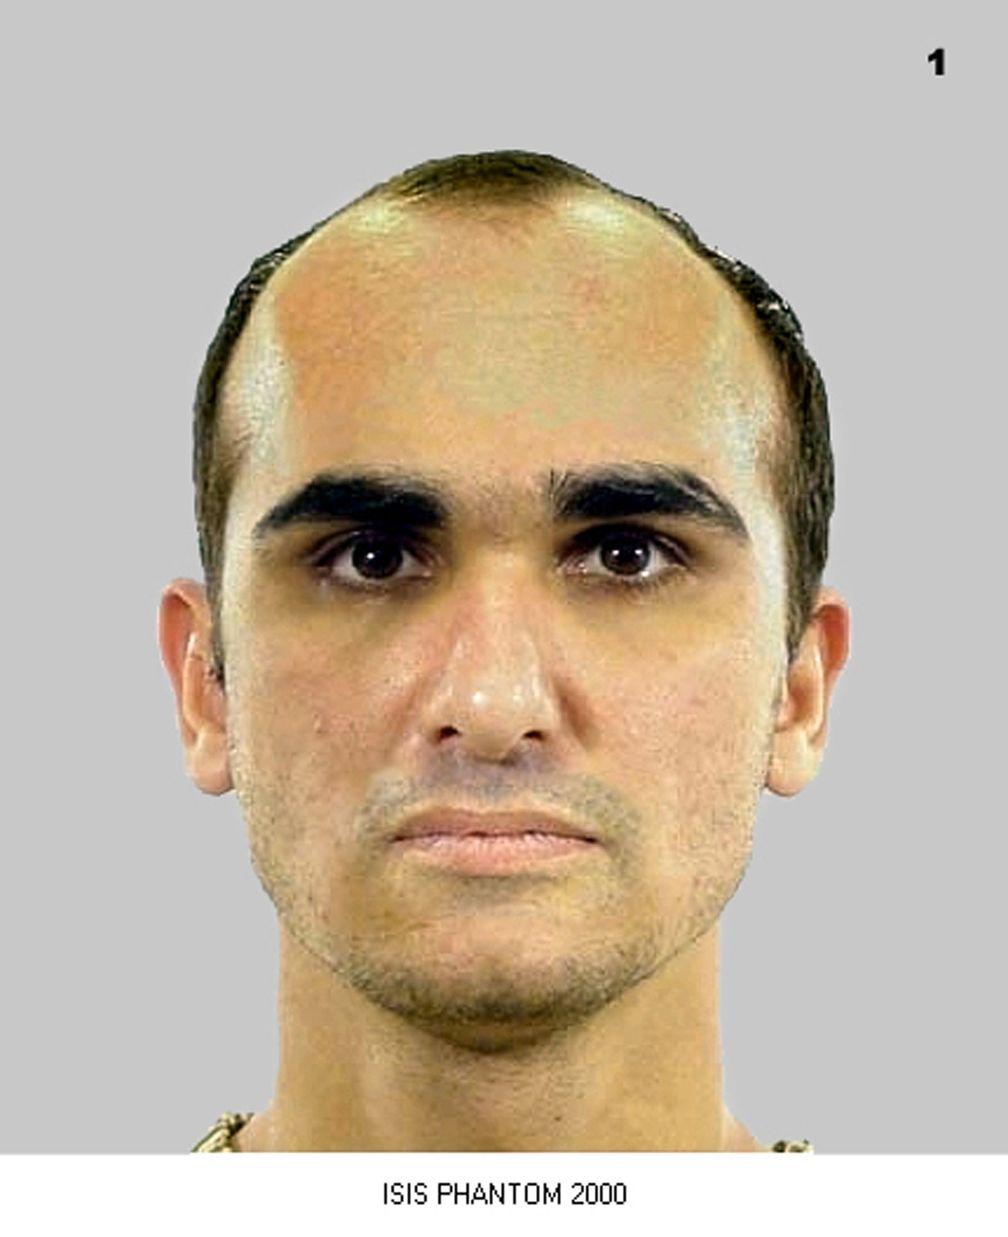 Hannibals rekonstruiertem Gesicht . © Hessisches Landeskriminalamt / ProSieben